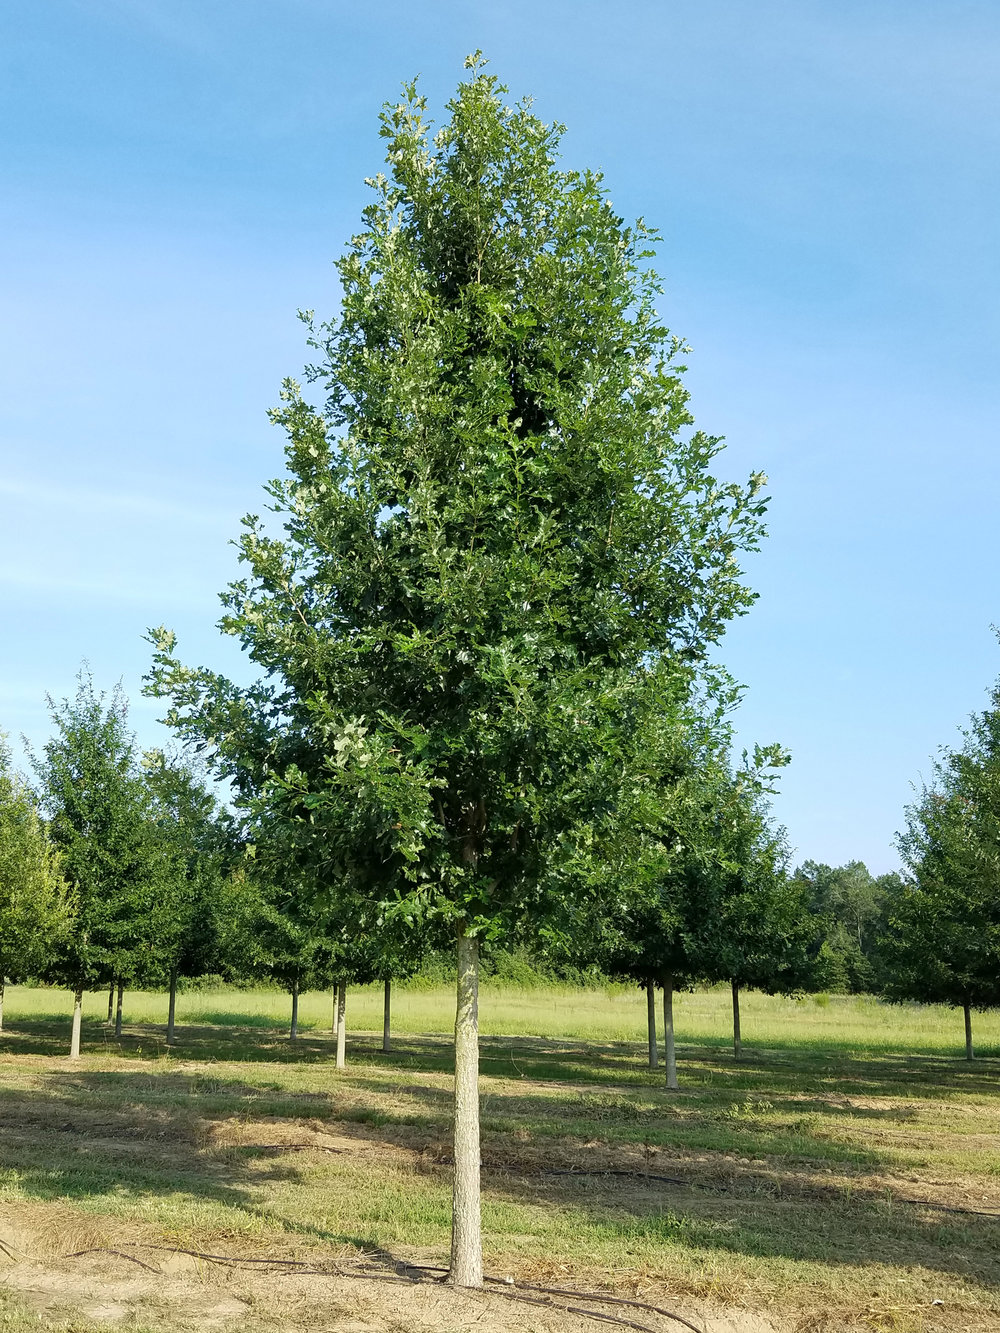 Marquee-Overcup-Oak-Quercus-lyrata-habit.jpg